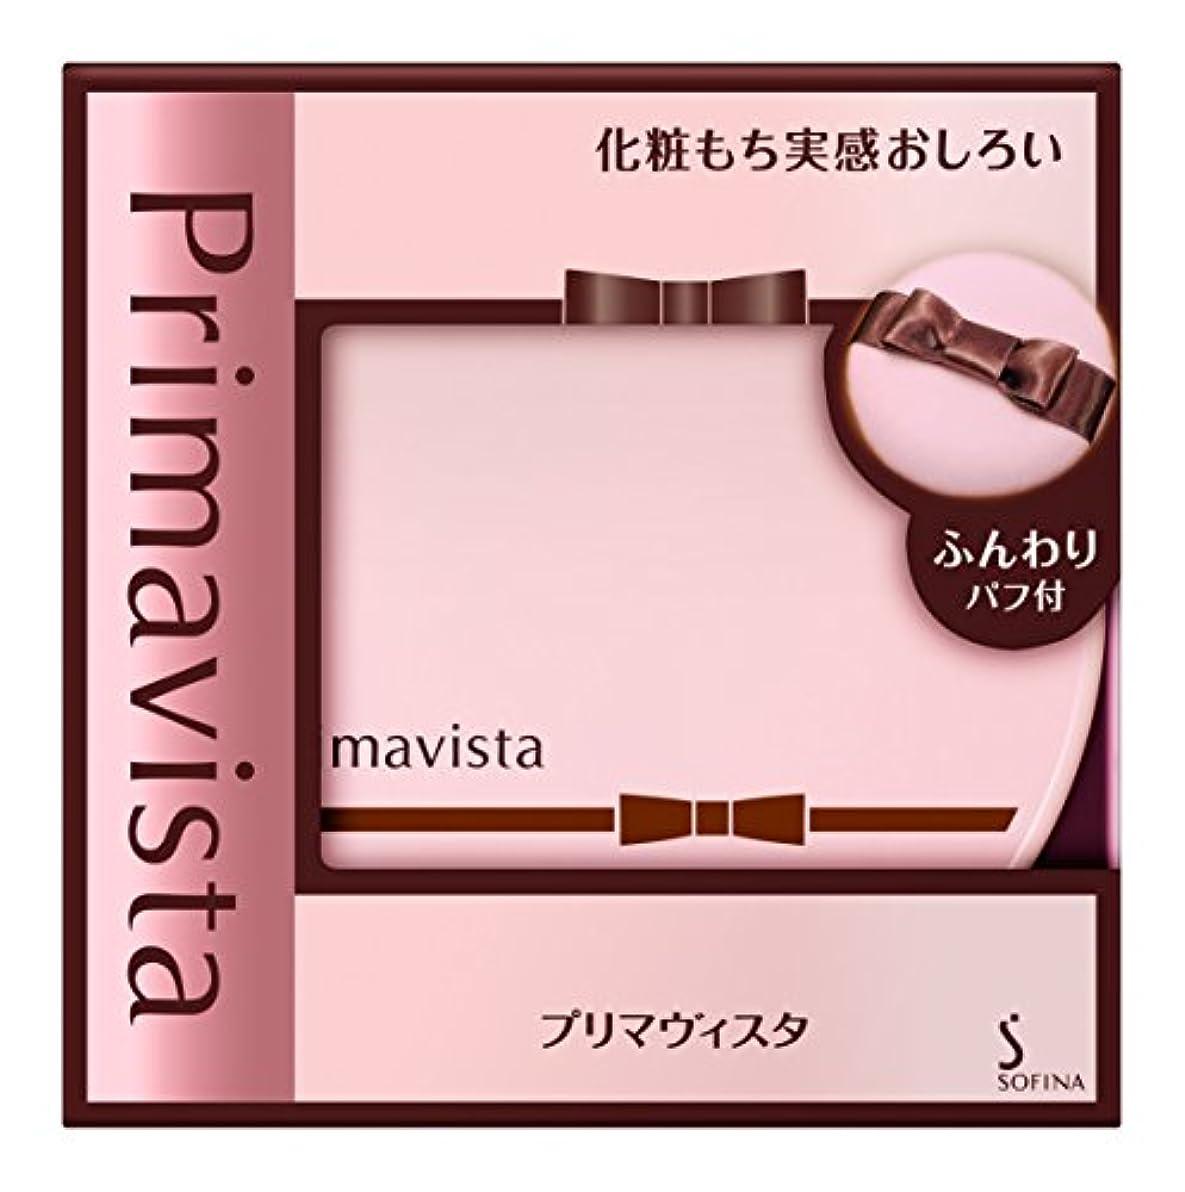 研磨微弱法律によりプリマヴィスタ 化粧もち実感 おしろい 12.5g(フェイスパウダー)